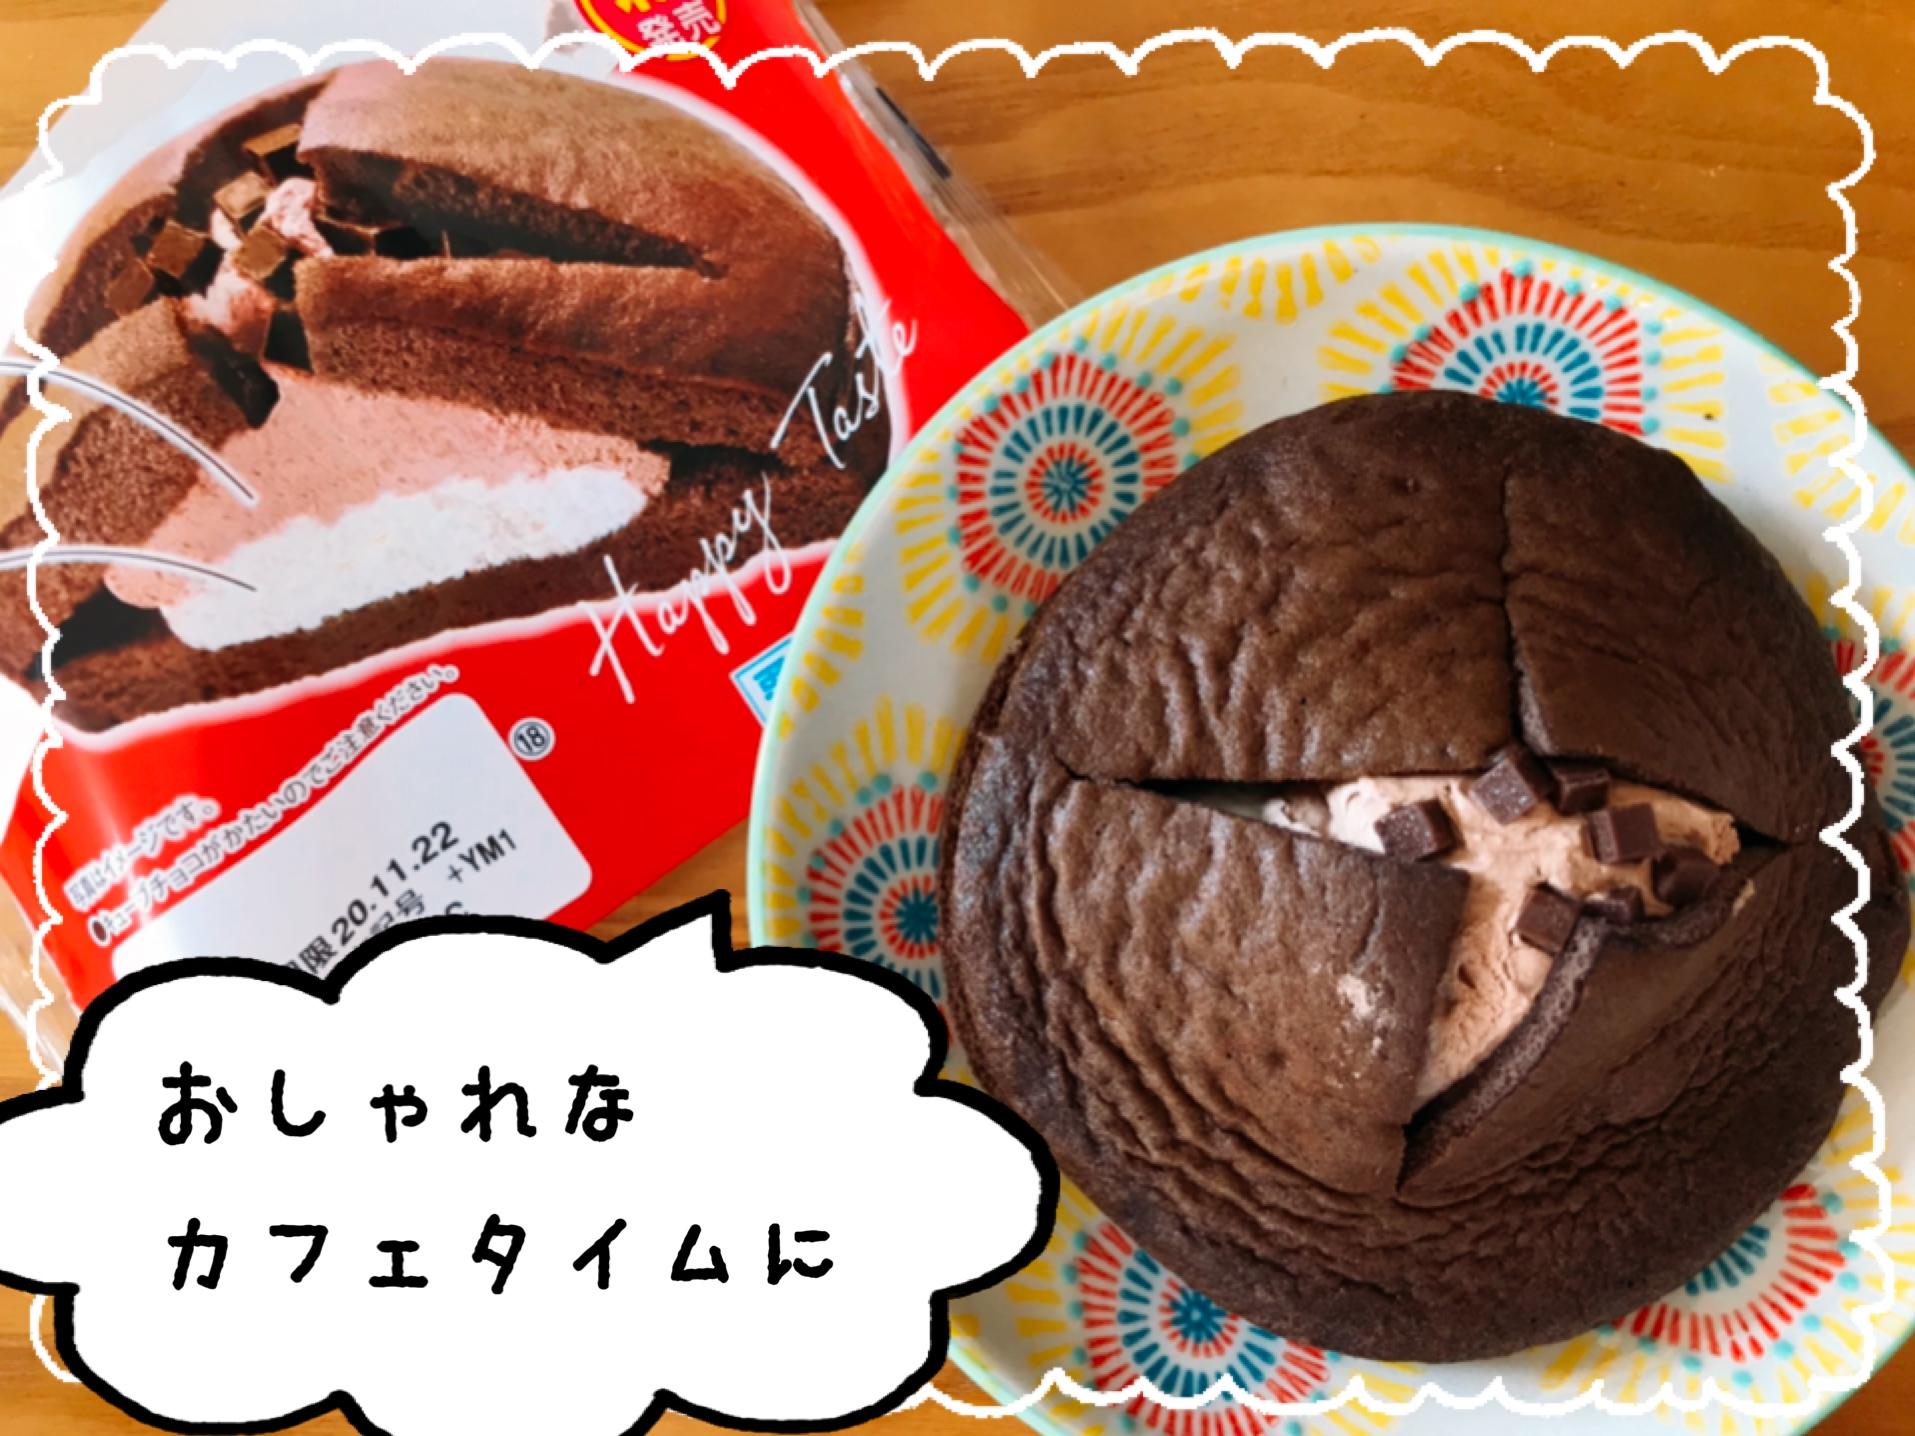 ファミマのダブルクリームサンド